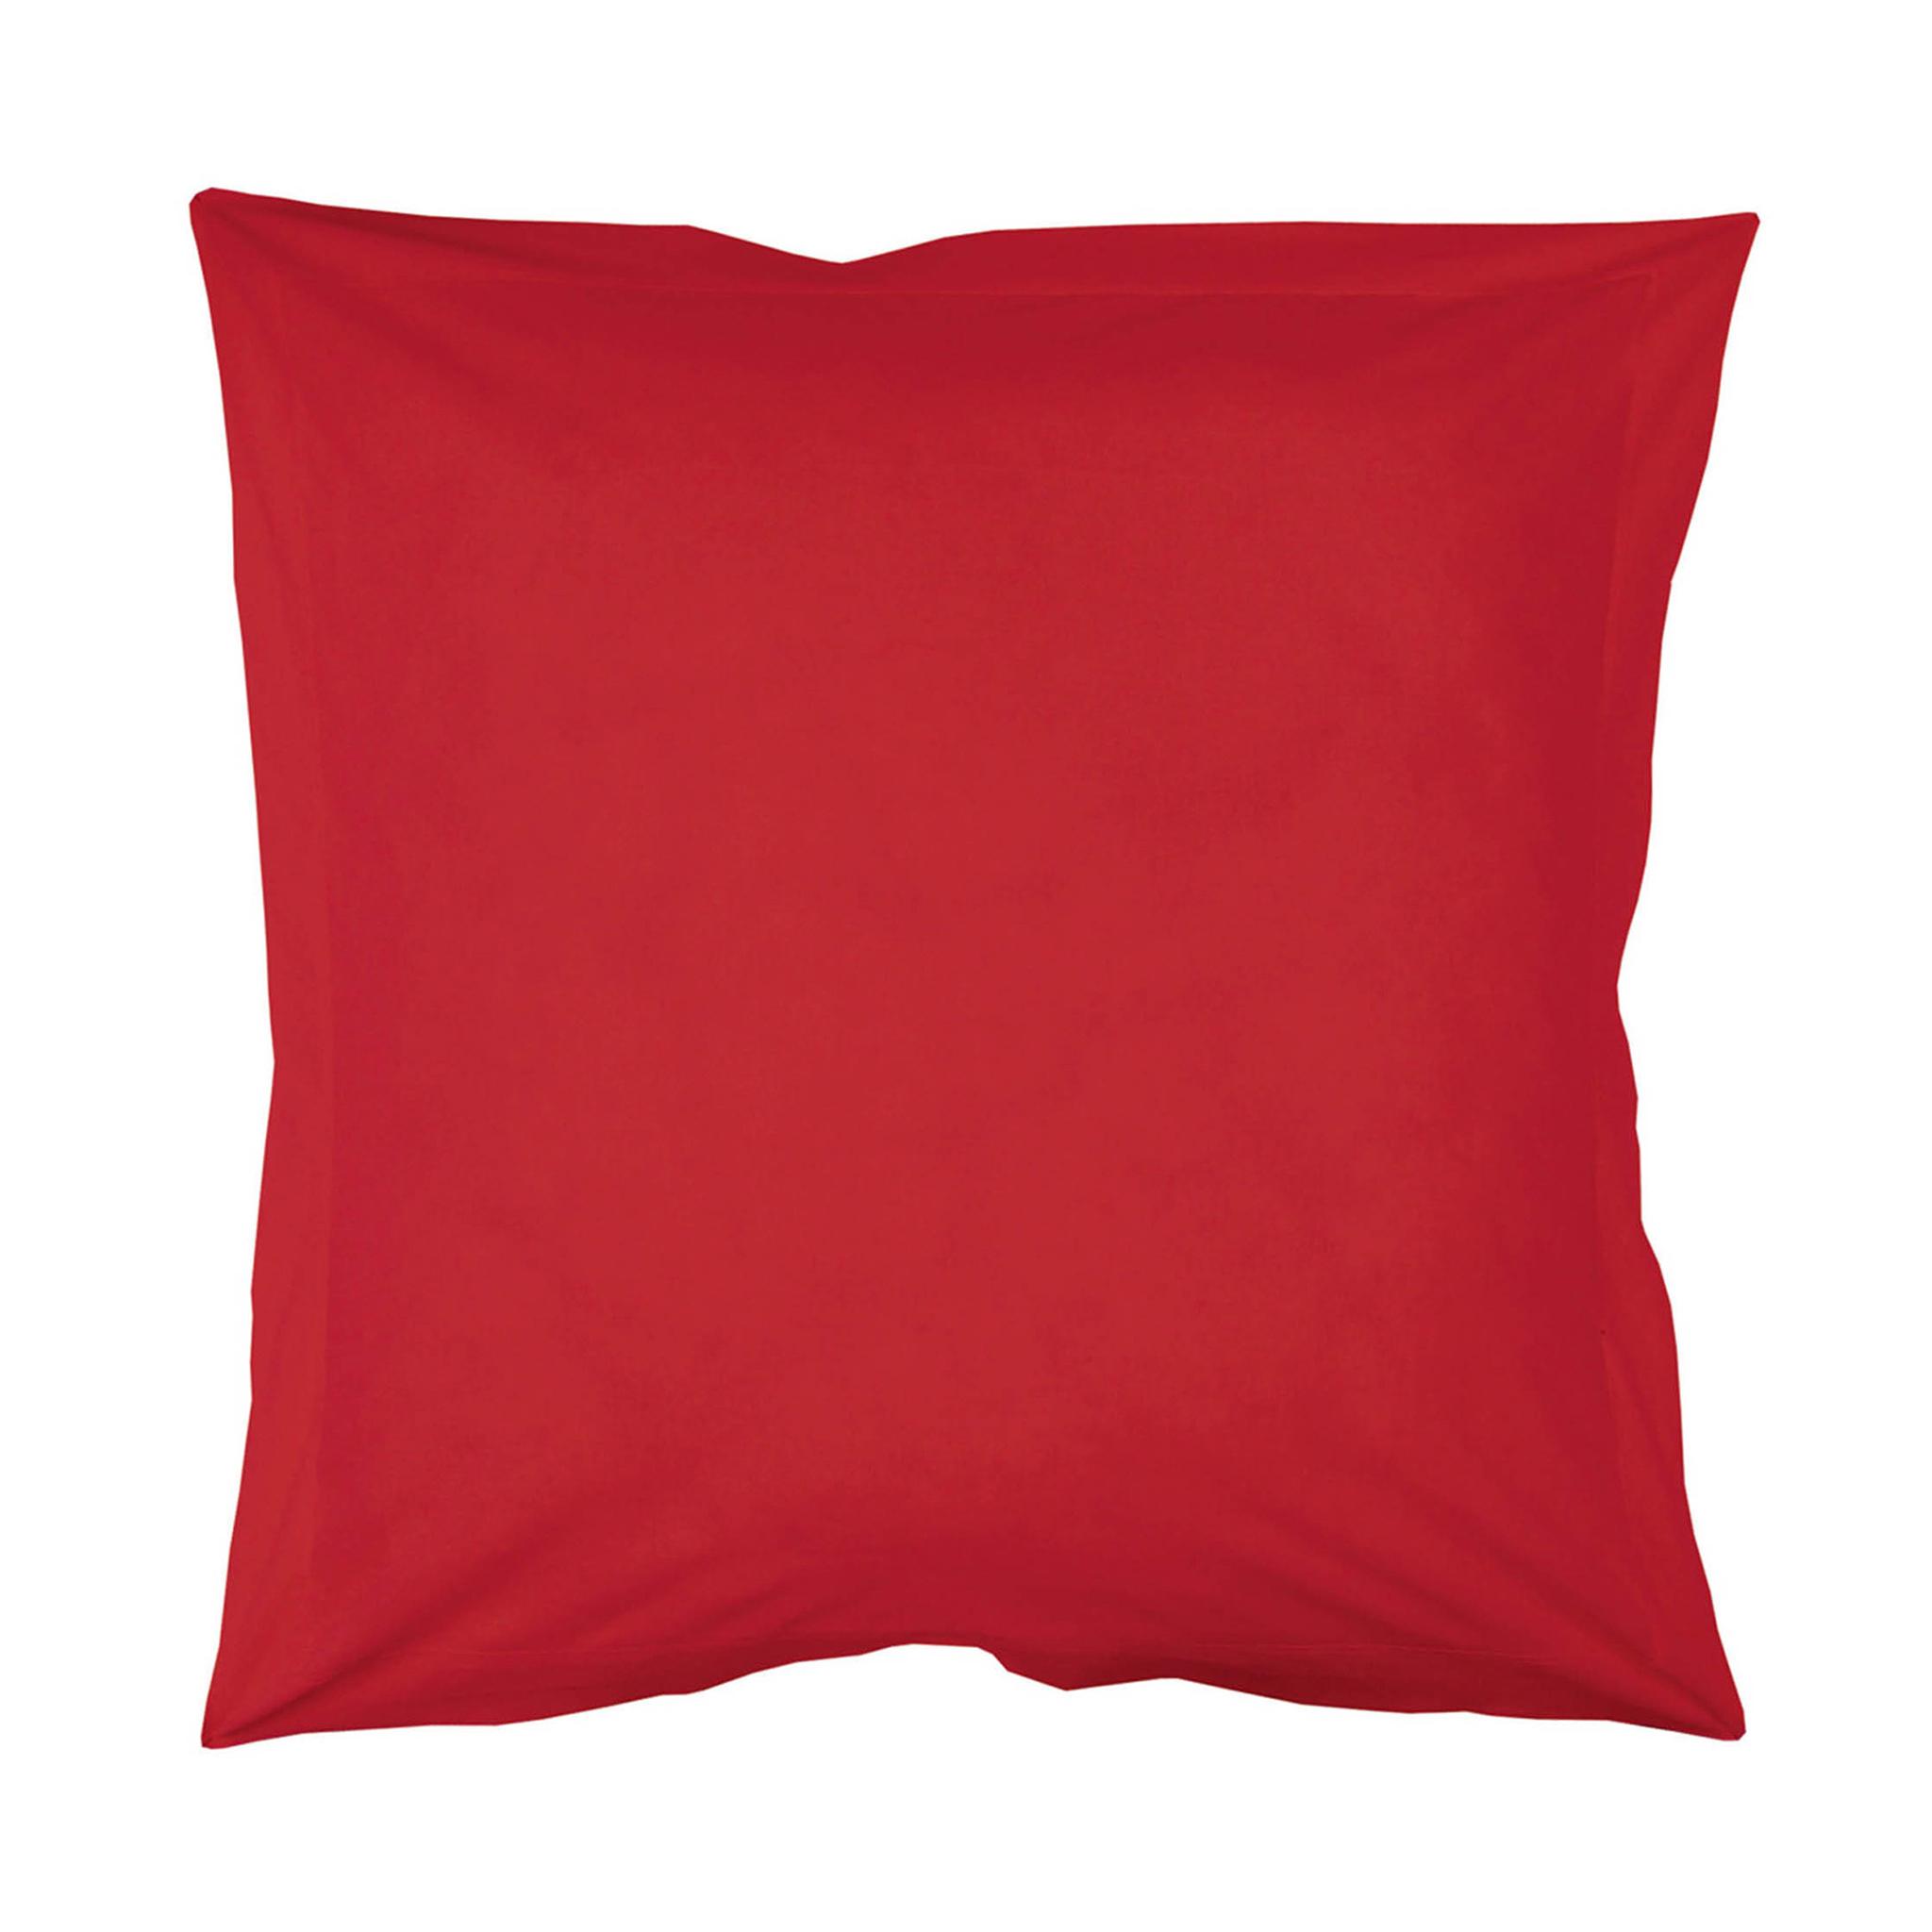 Taie d'oreiller rouge 63x63